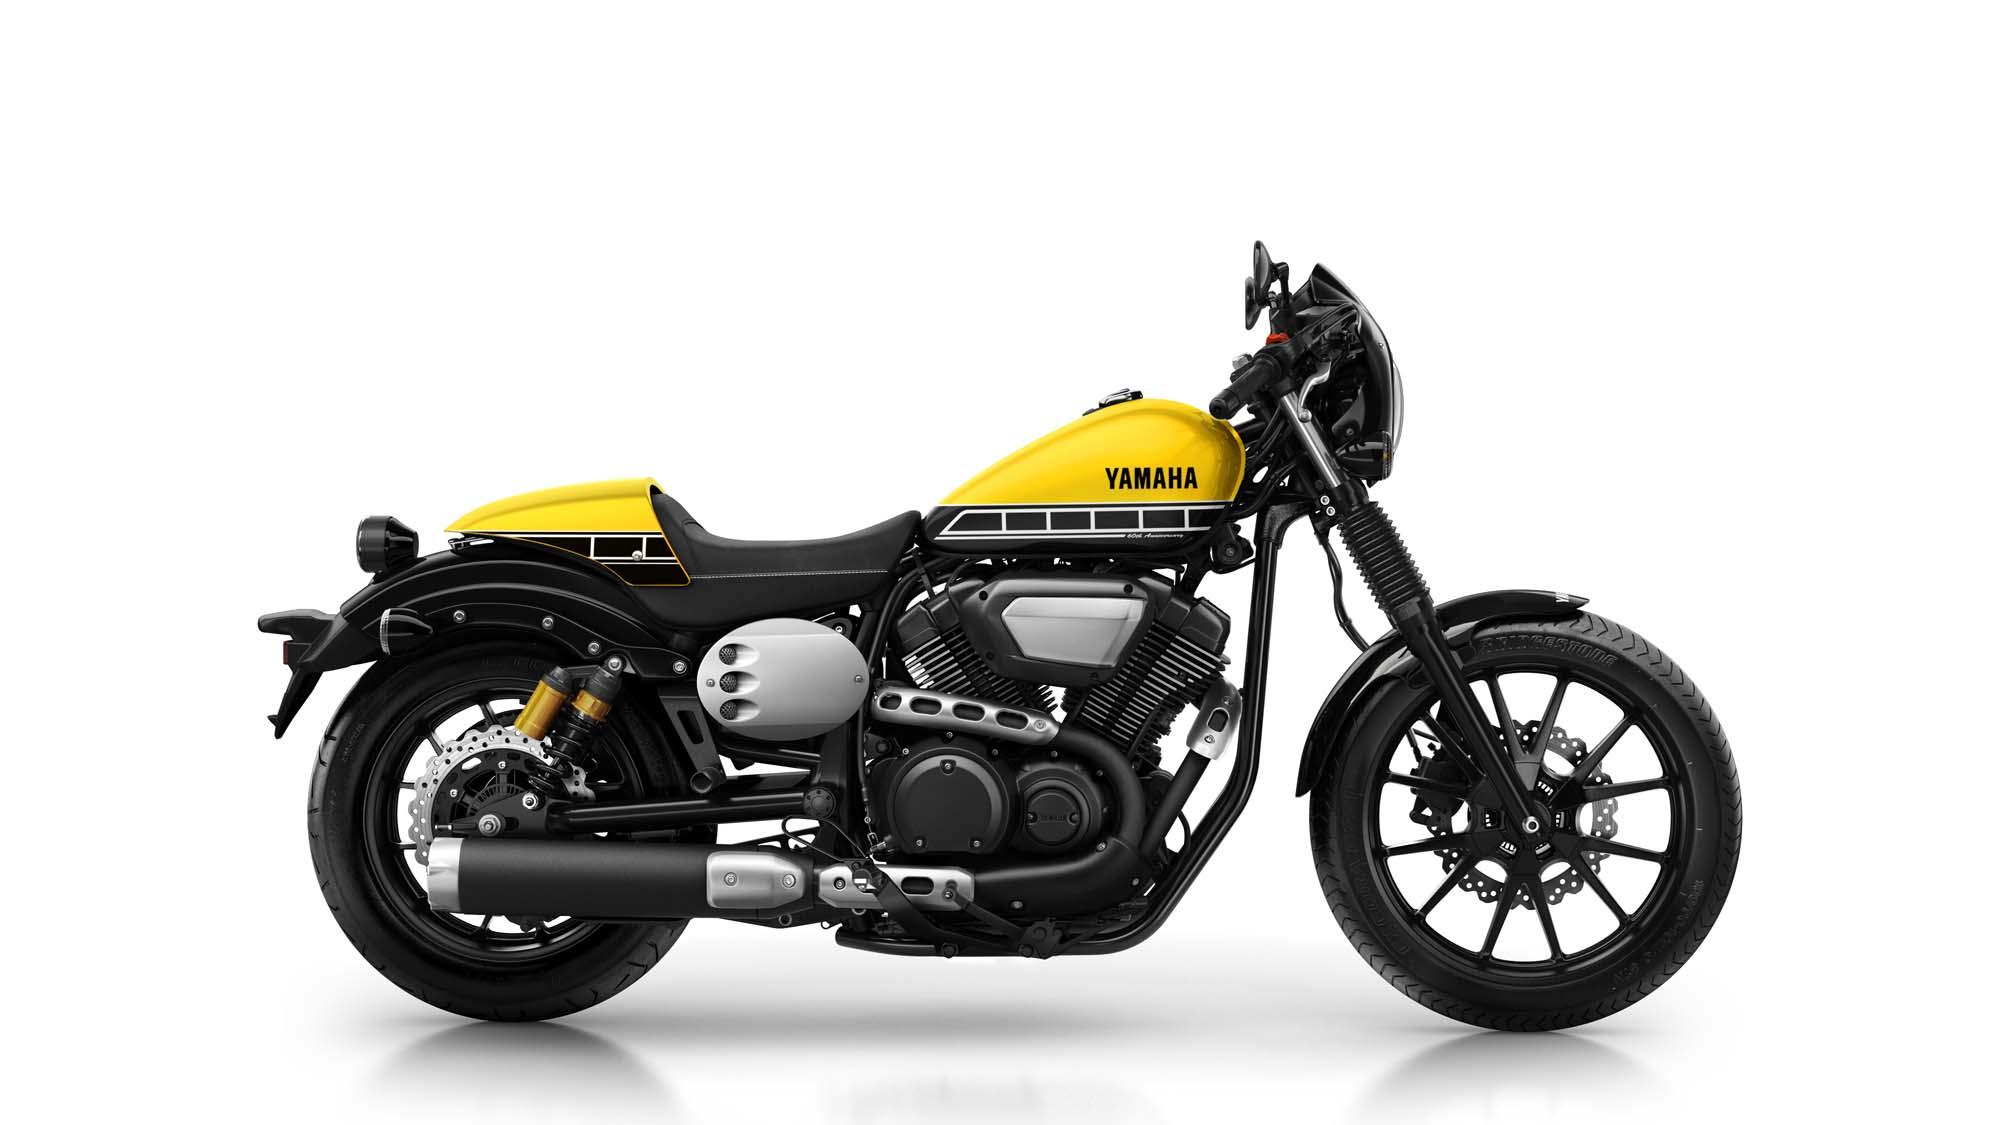 gebrauchte und neue yamaha xv950 racer motorr der kaufen. Black Bedroom Furniture Sets. Home Design Ideas